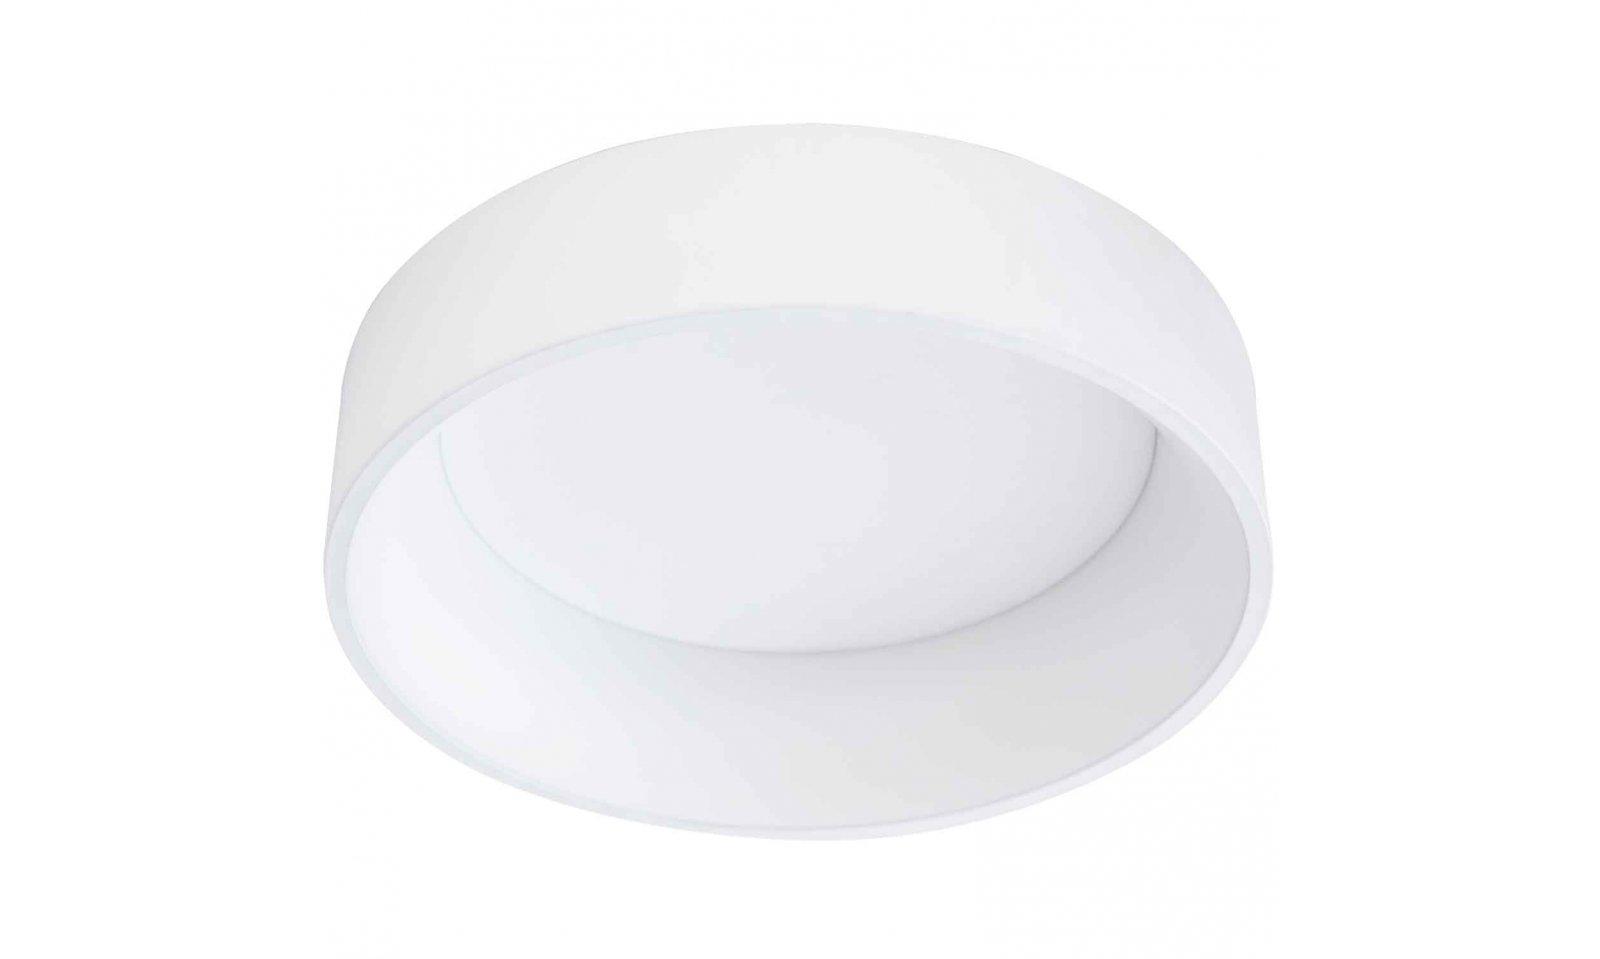 Eglo Plafoniera Led : Eglo marghera 1 led plafoniera in acciaio e plastica colore bianco